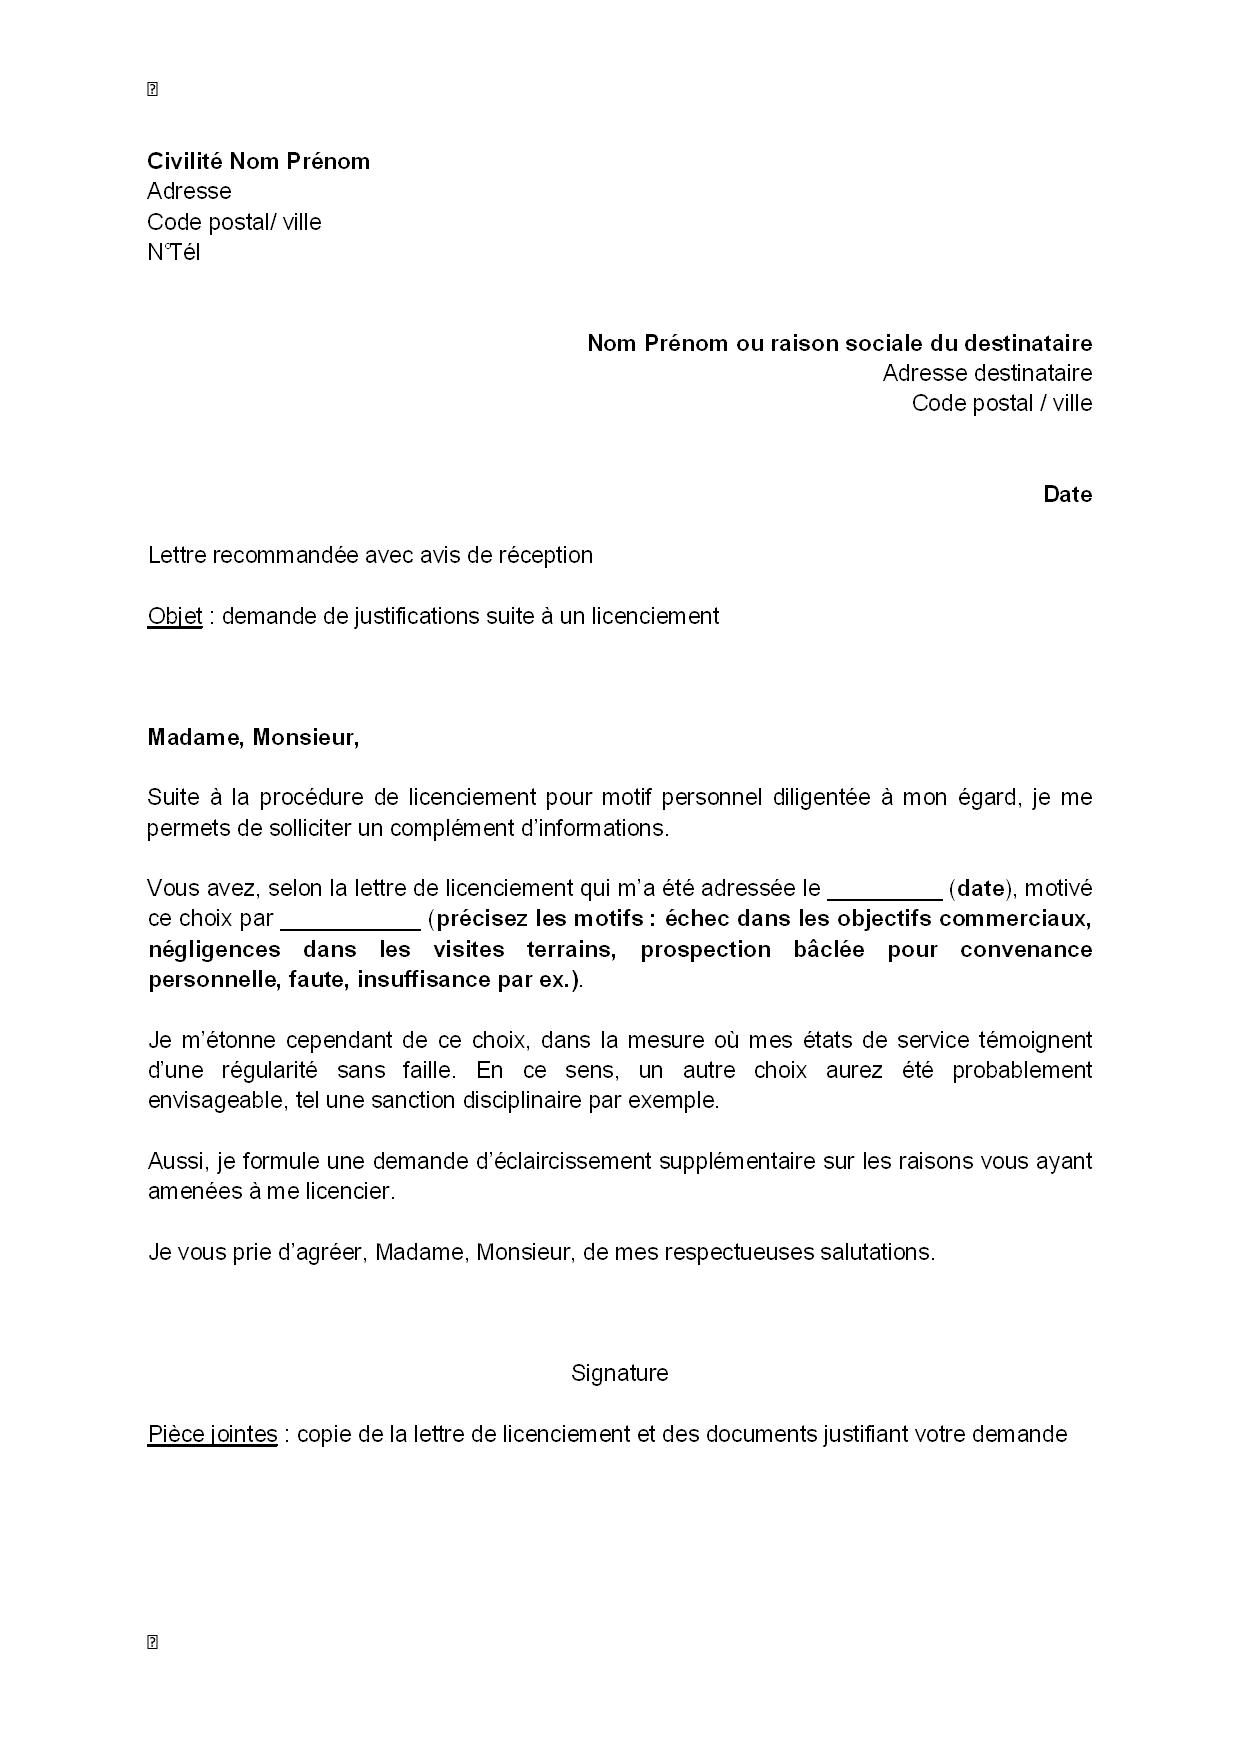 exemple gratuit de lettre demande justifications suite  u00e0 licenciement